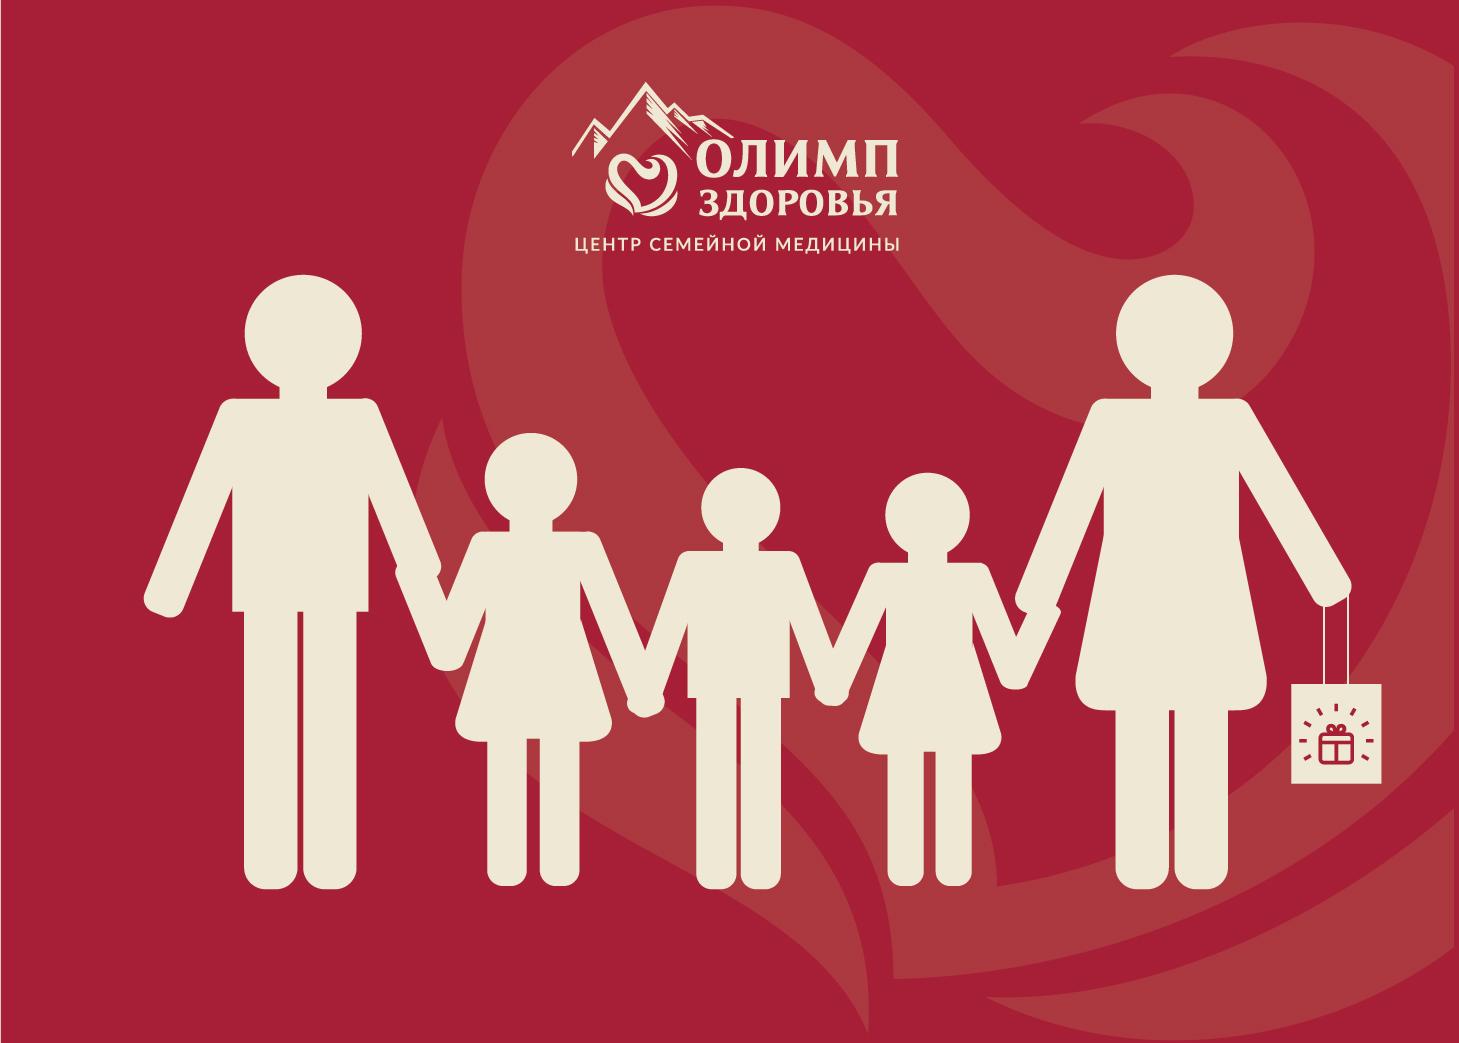 Центр семейной медицины «Олимп Здоровья» поддерживает многодетные семьи и дарит скидку 10% на услуги клиники